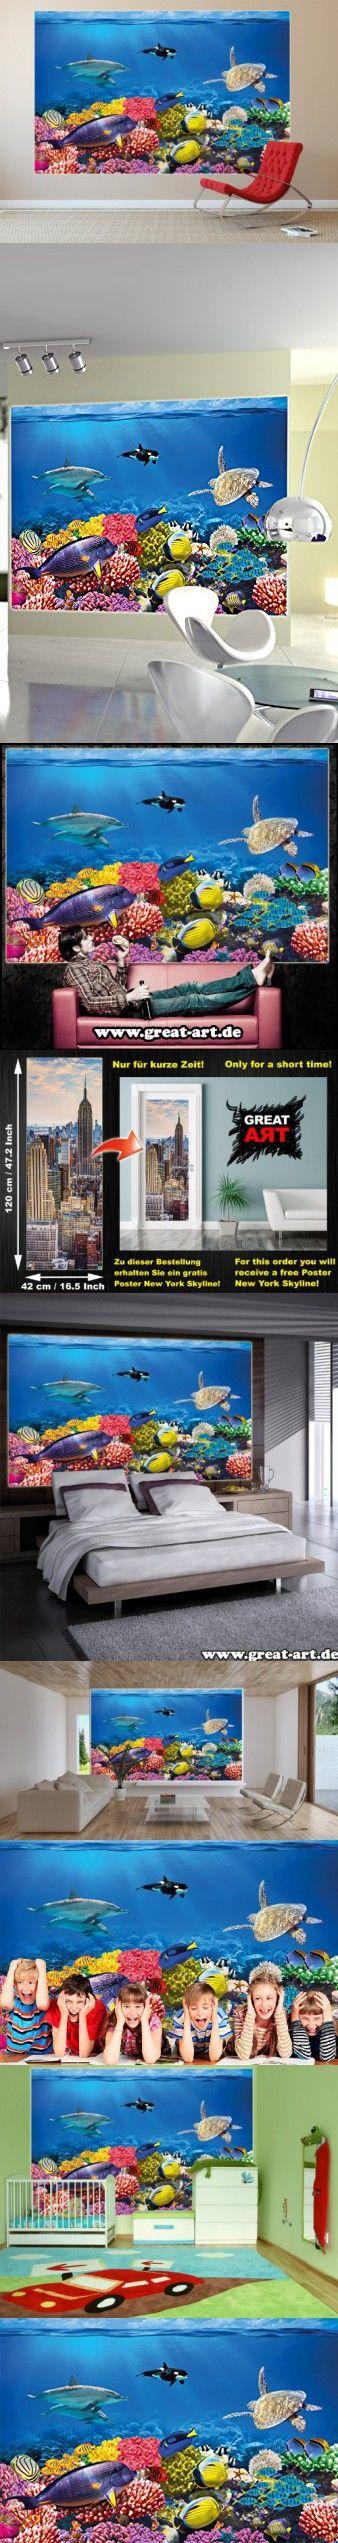 The 25 best sea murals ideas on pinterest ocean mural for Decor mural xxl 4 murs